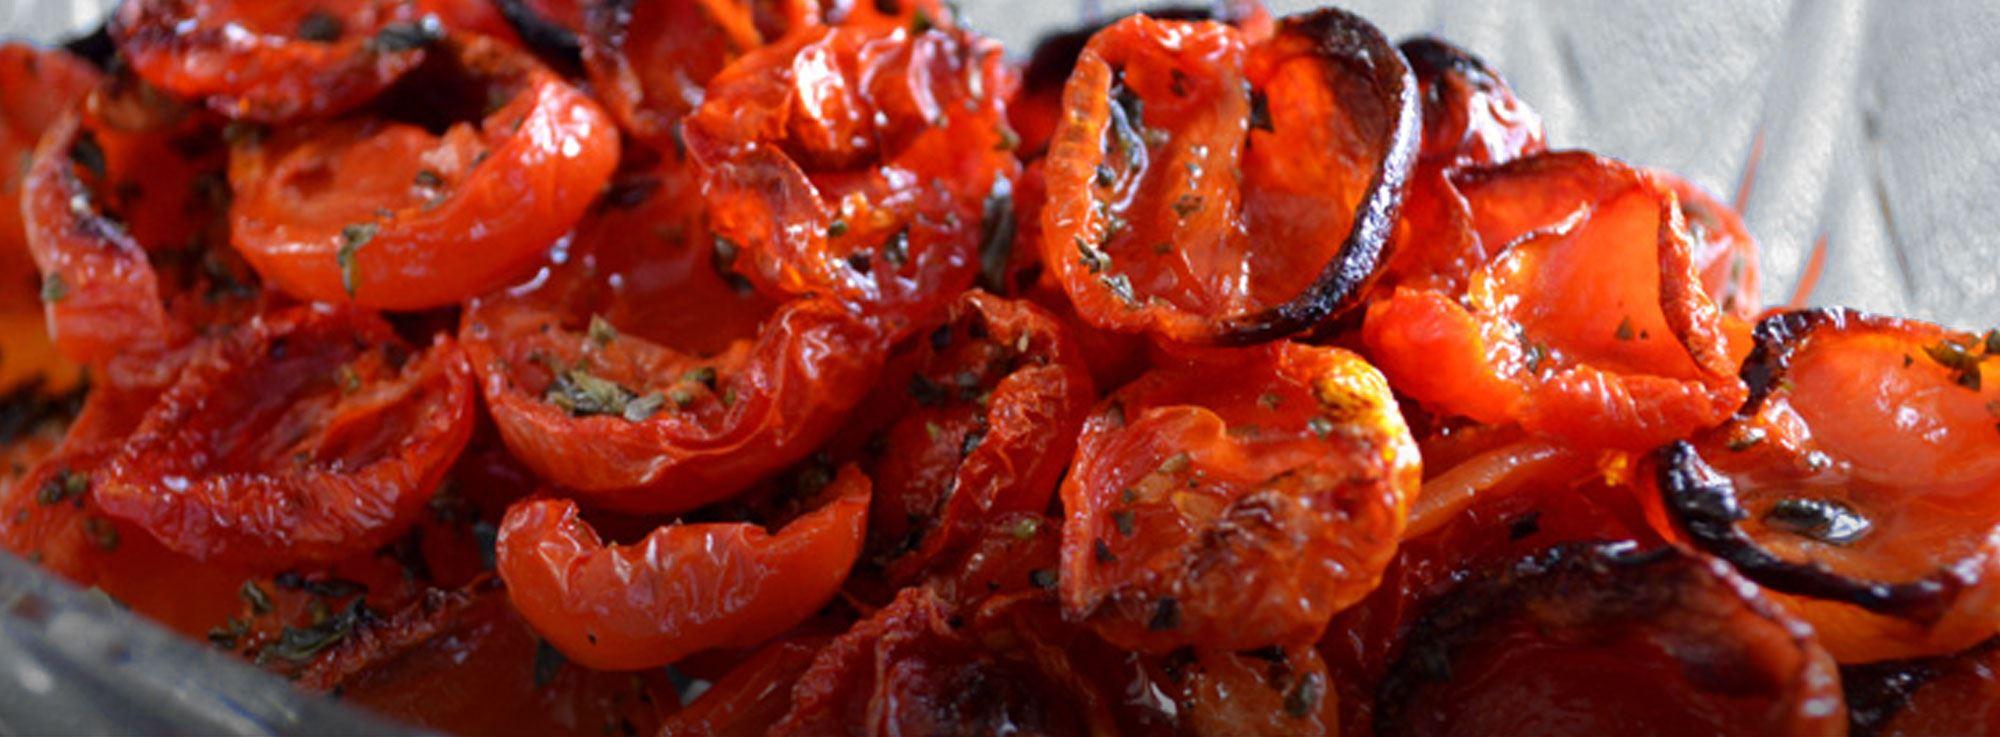 Ricetta: Pomodorini caramellati al forno